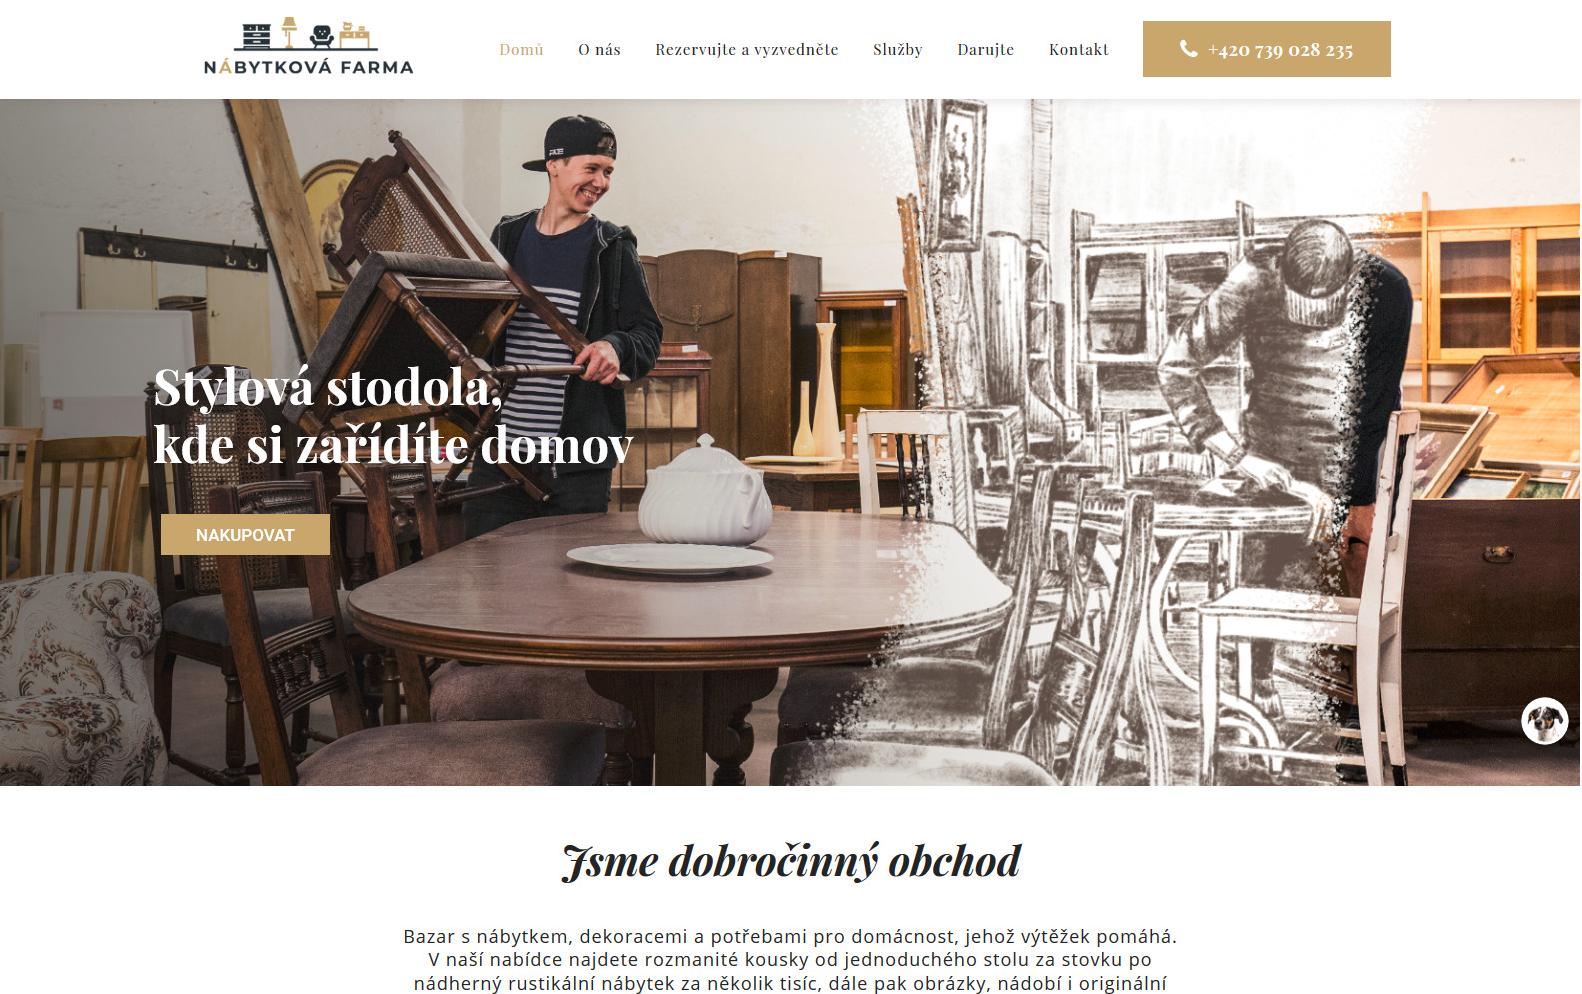 Nábytková farma dobročinný obchod s nábytkem reference web webdesignér Dagmara Málková